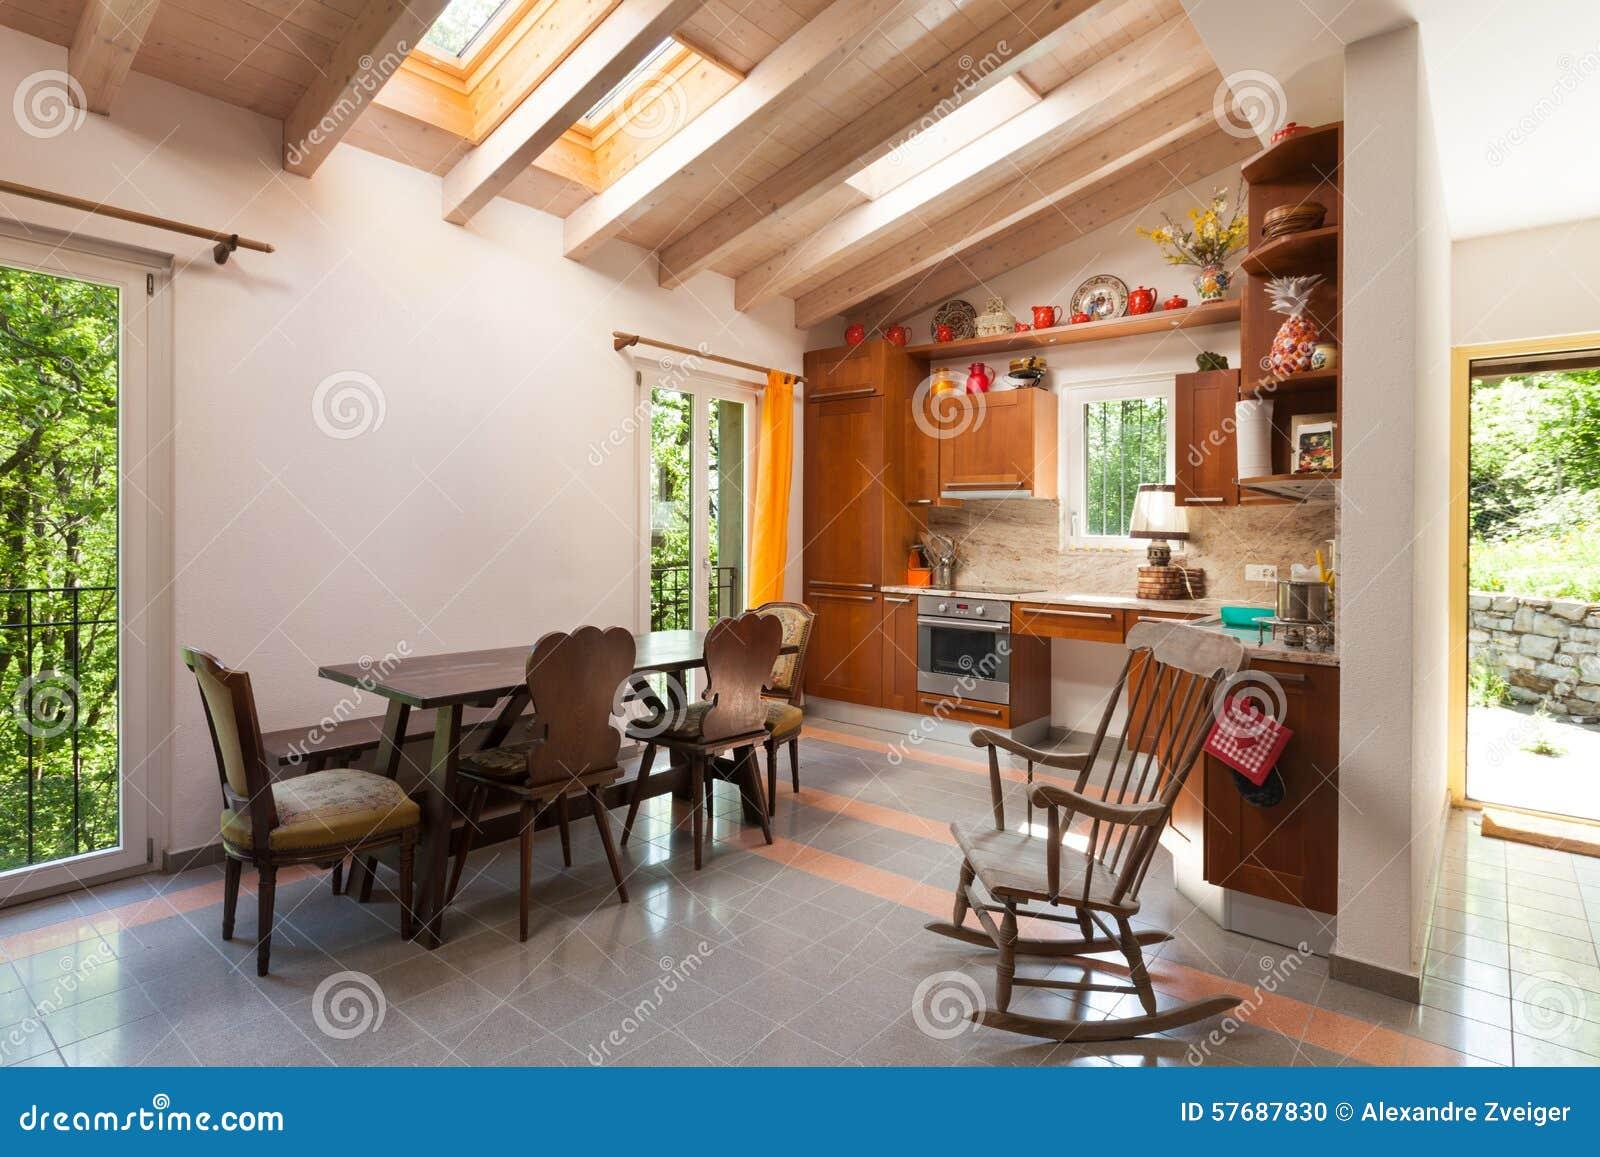 Casa Di Campagna, Cucina Fotografia Stock - Immagine: 57687830